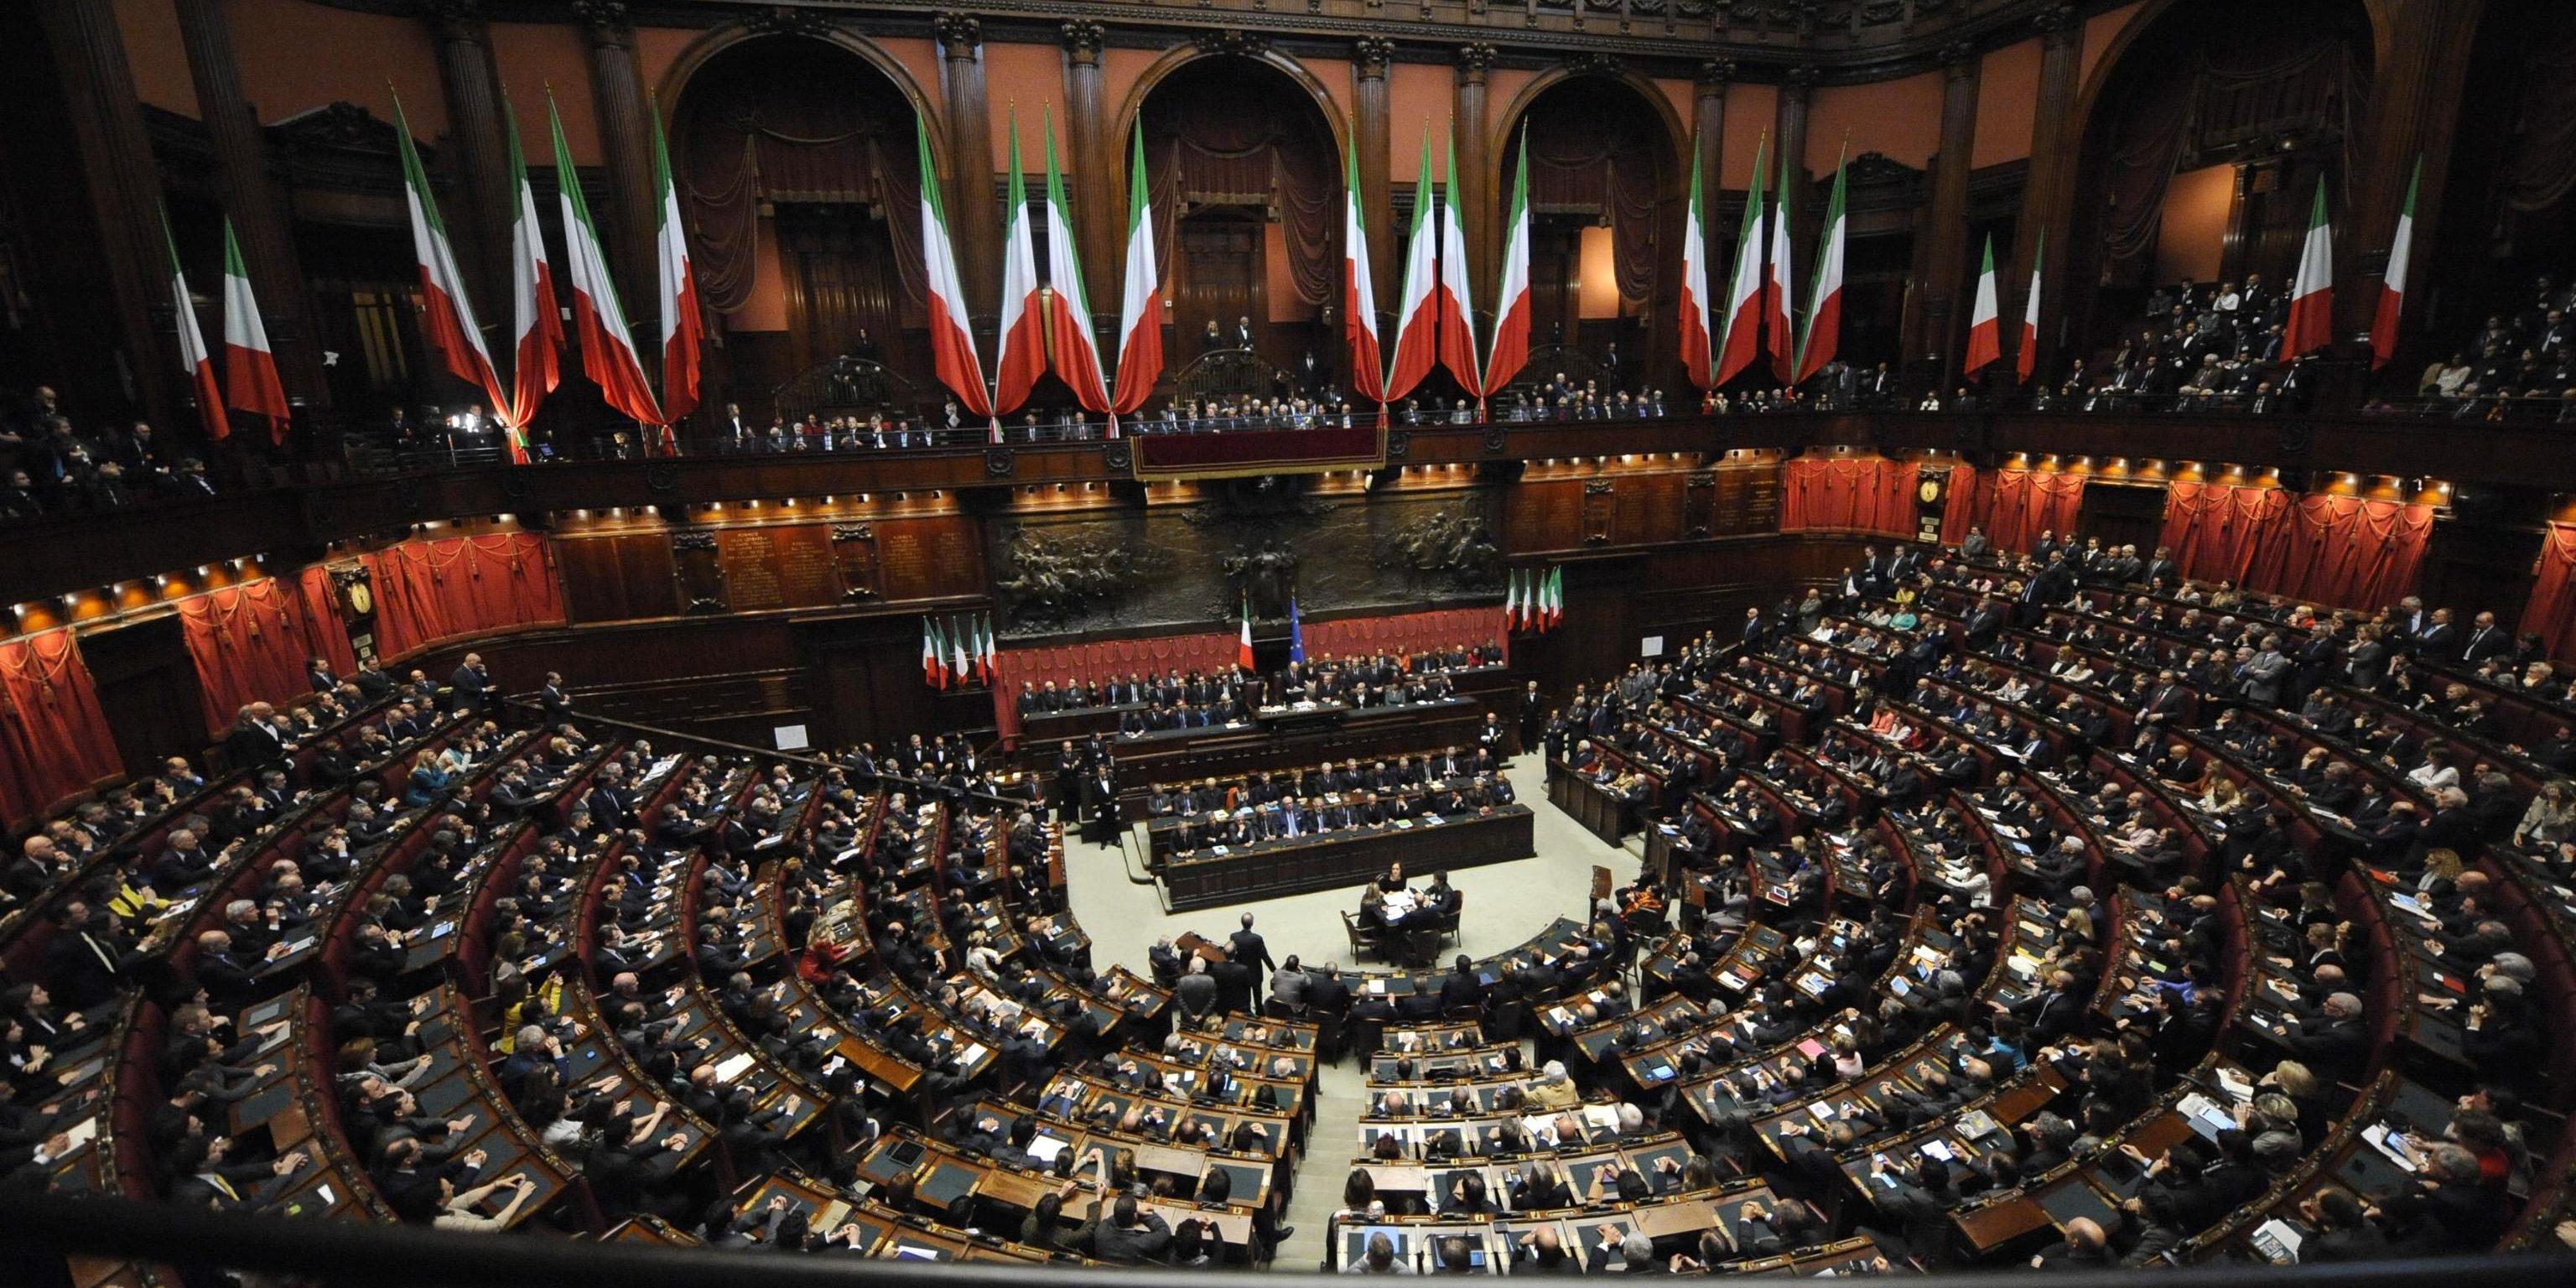 البرلمان الإيطالي يصادق على تمديد الطوارئ الصحية حتى يناير القادم